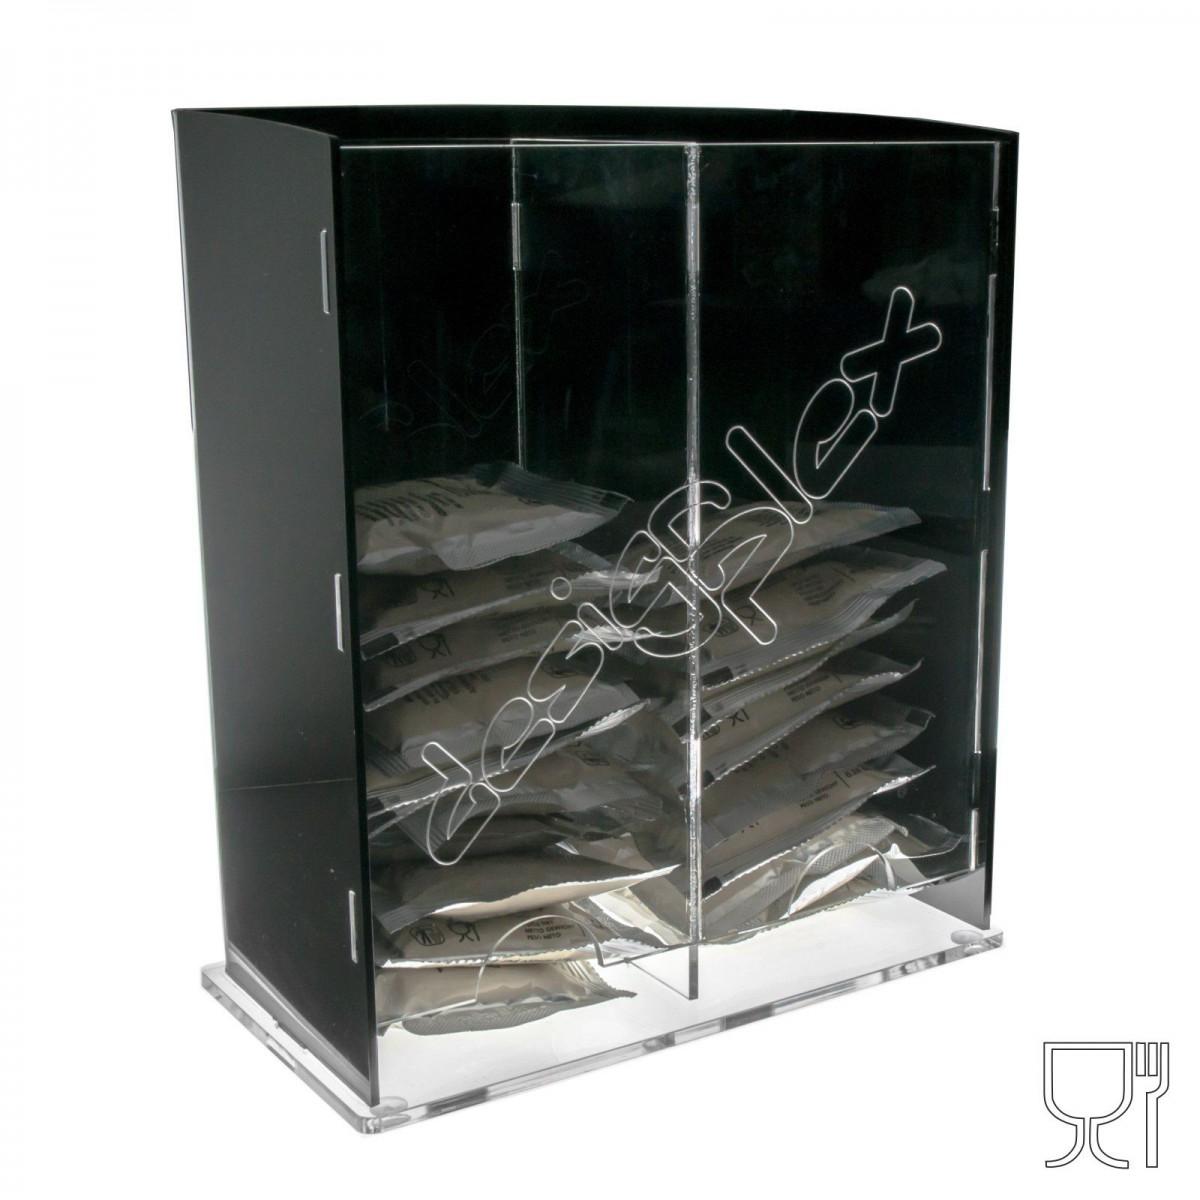 E-186 POC - Porta cialde caffè a 2 scomparti realizzato in plexiglass nero e trasparente